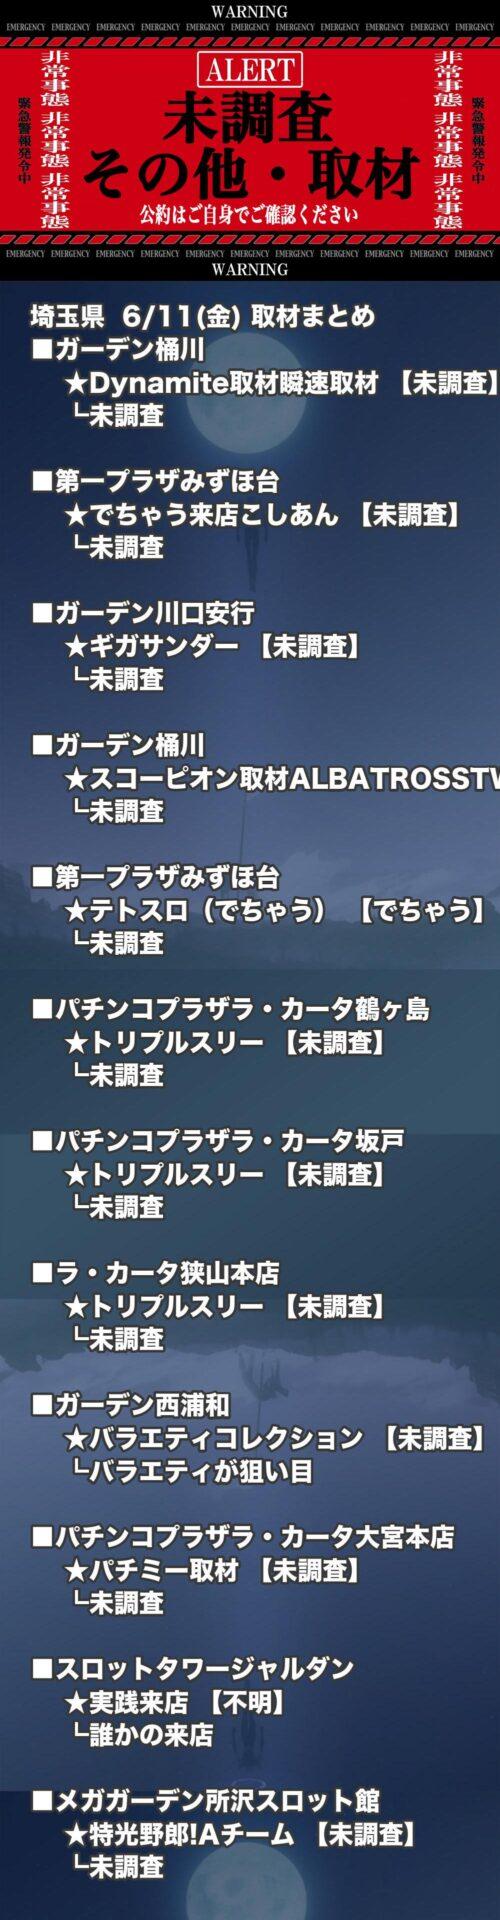 埼玉県_2021-06-11_未調査_パチンコ・パチスロ